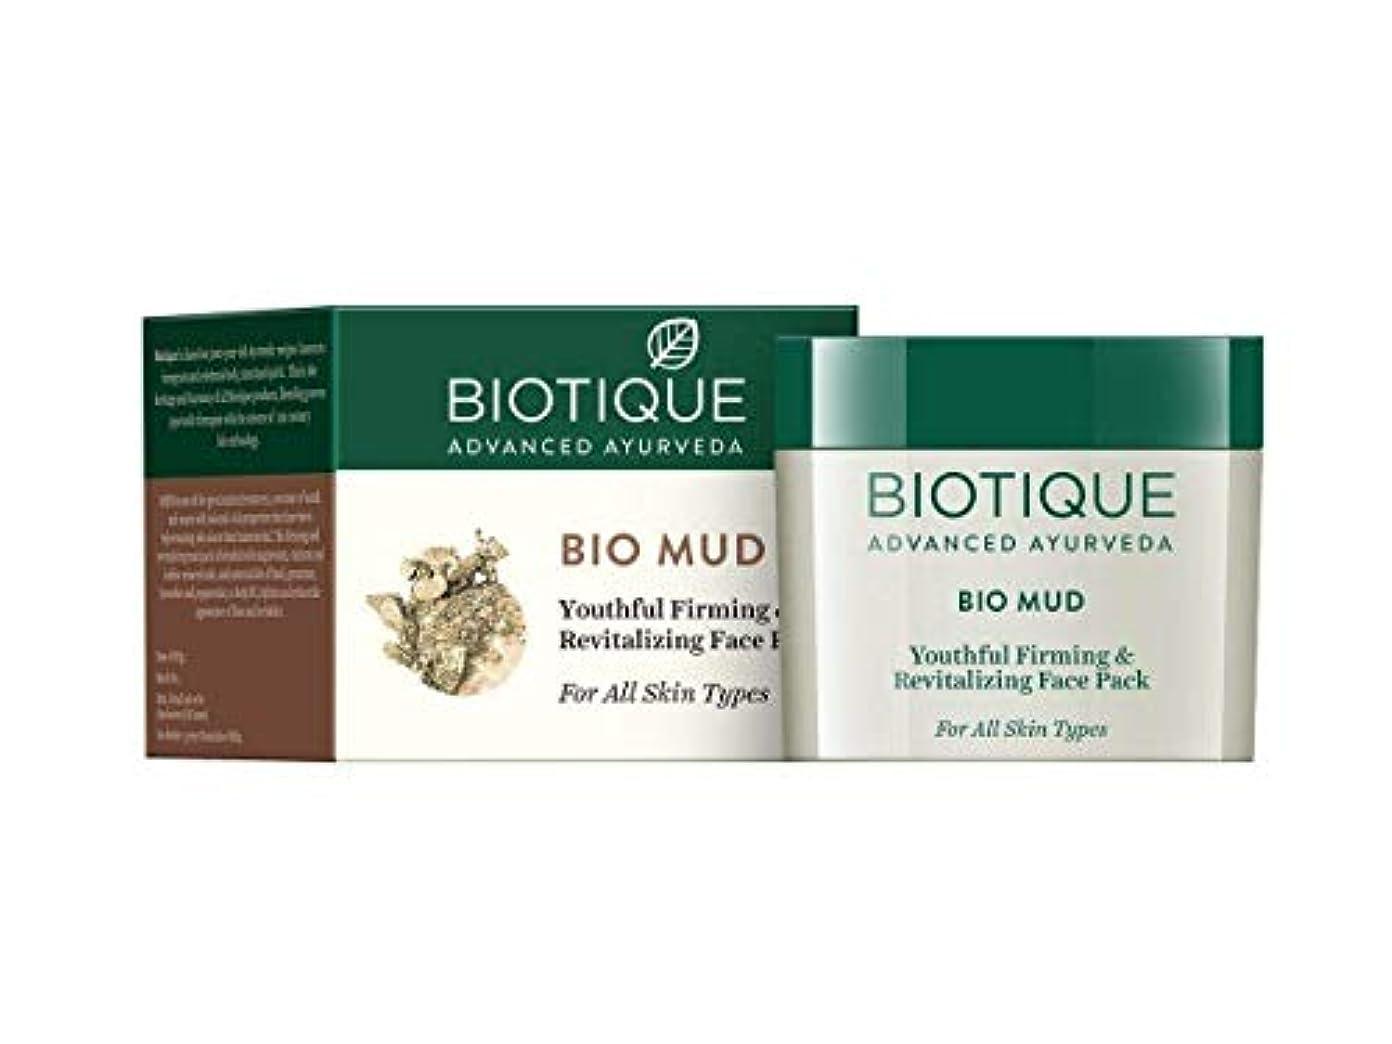 輪郭左全員Biotique Mud Youthful Firming & Revitalizing Face Pack For All Skin Types 75 gm すべての肌タイプのためのBiotique泥若々しい引き締めと...